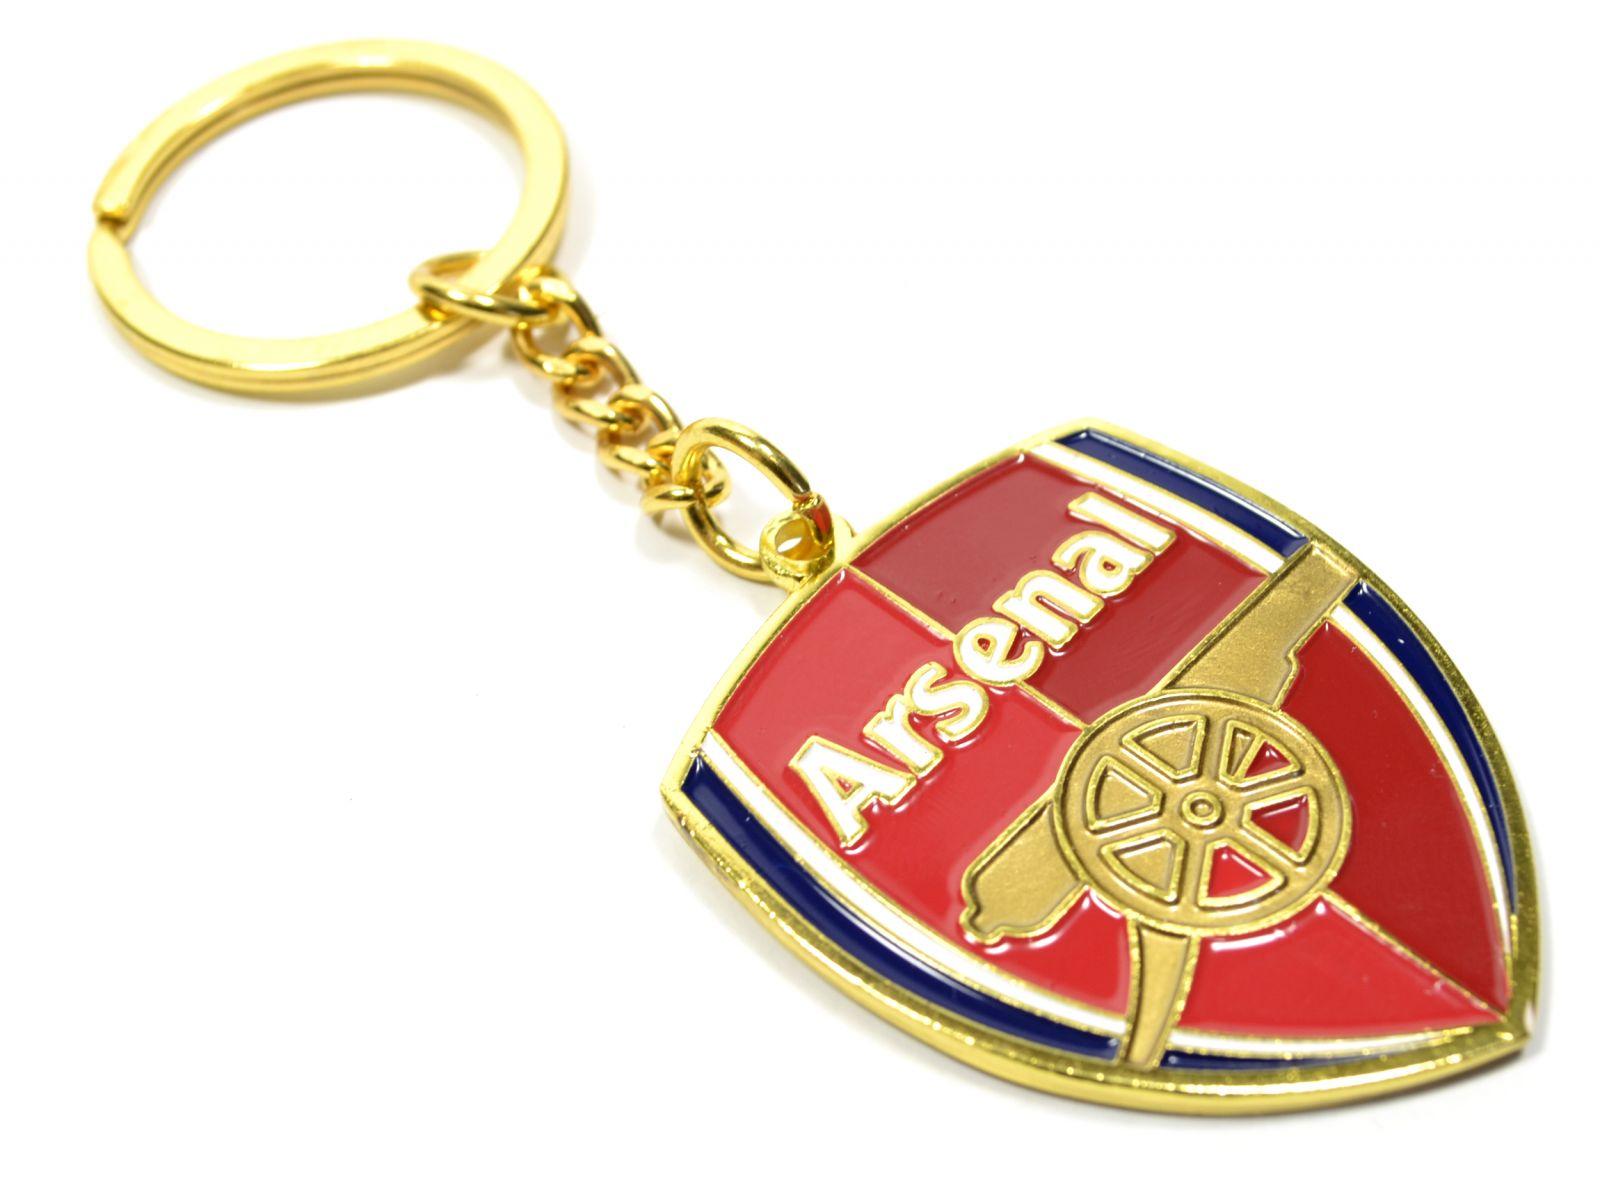 Klíčenka Arsenal FC